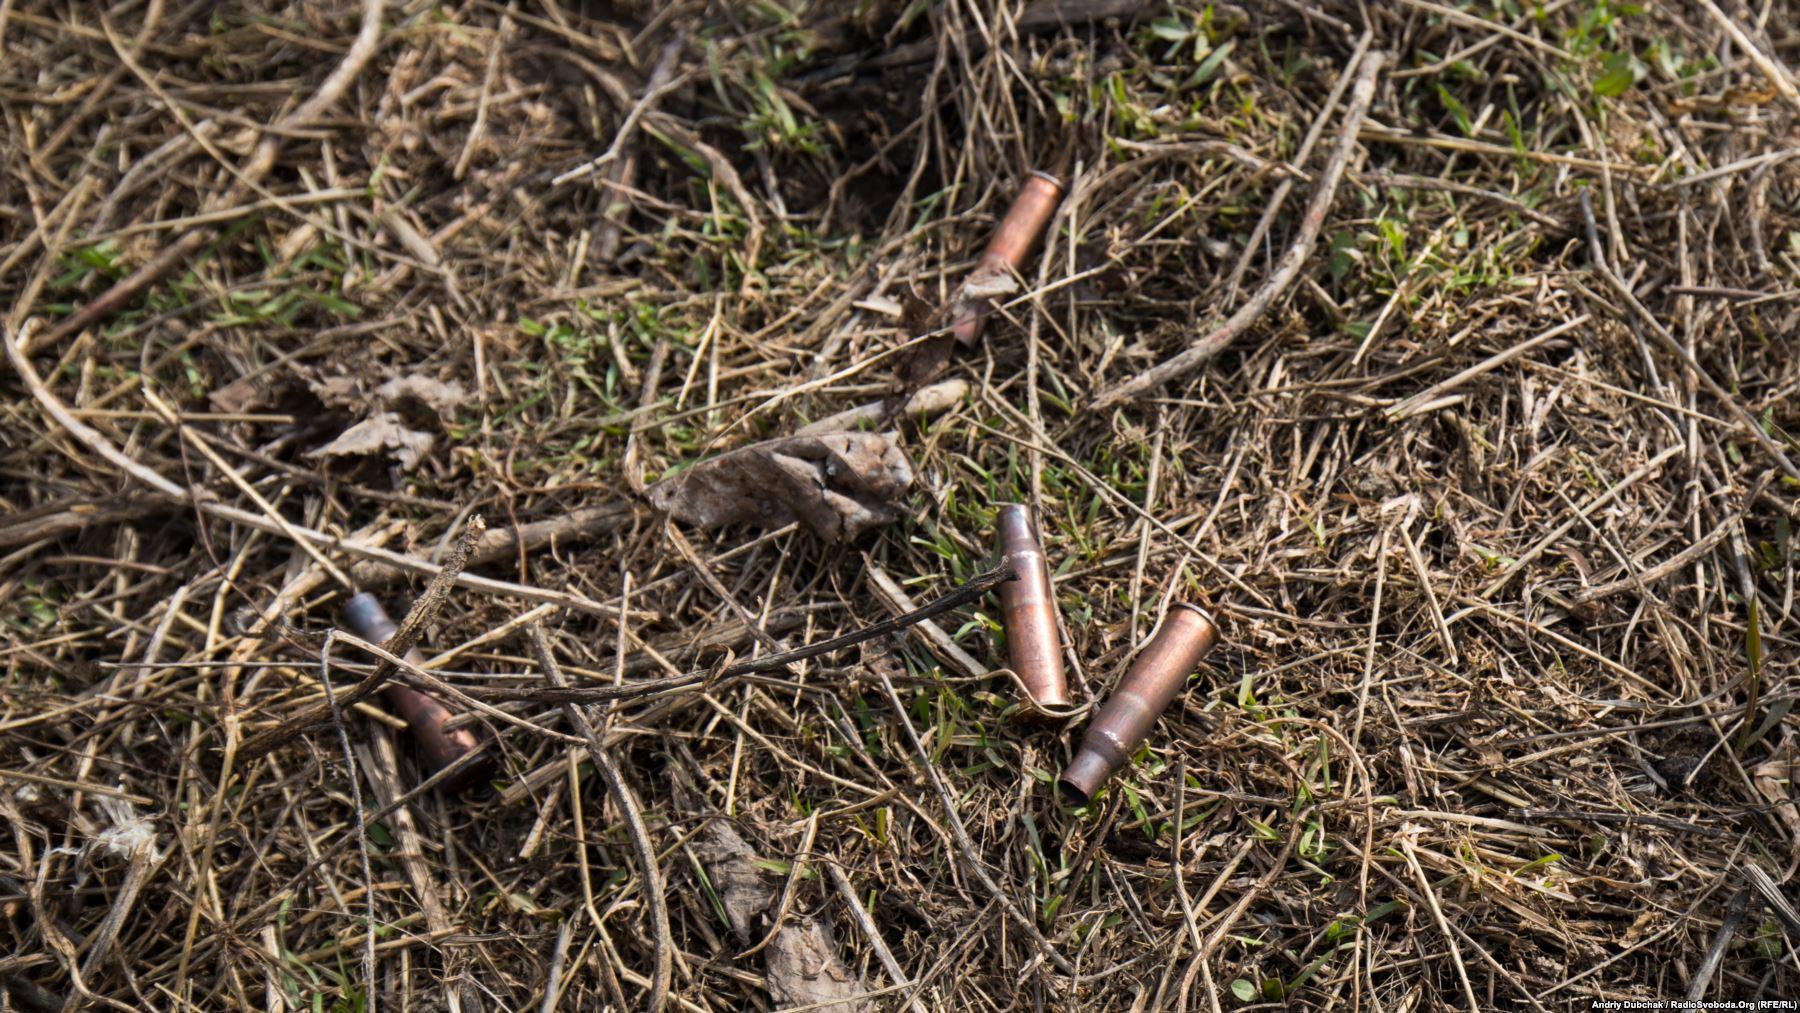 Стріляють тут часто. Скрізь по селу лежать гільзи, рештки від боєприпасів та осколки мін і снарядів